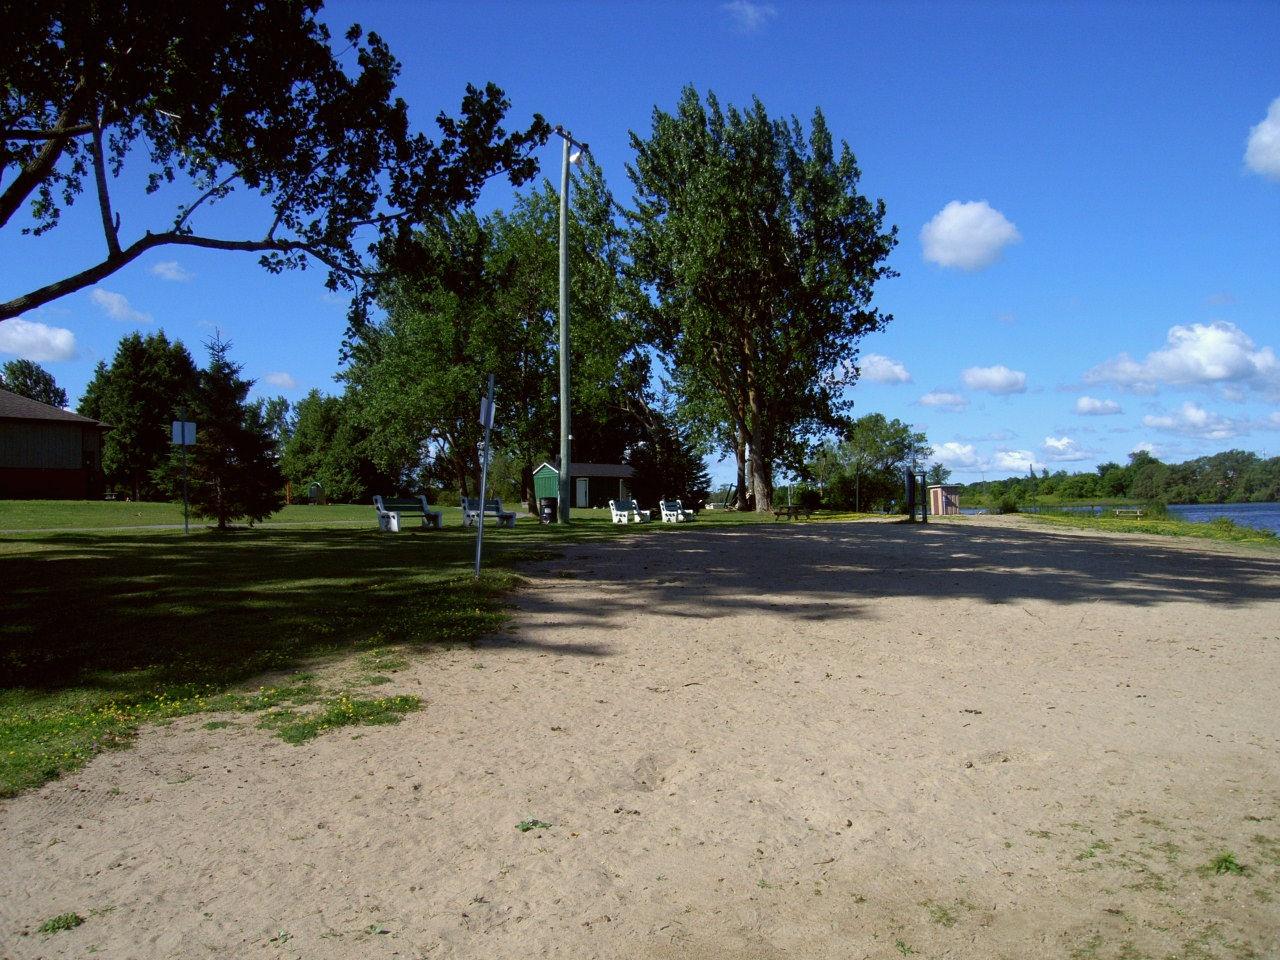 Island park beach